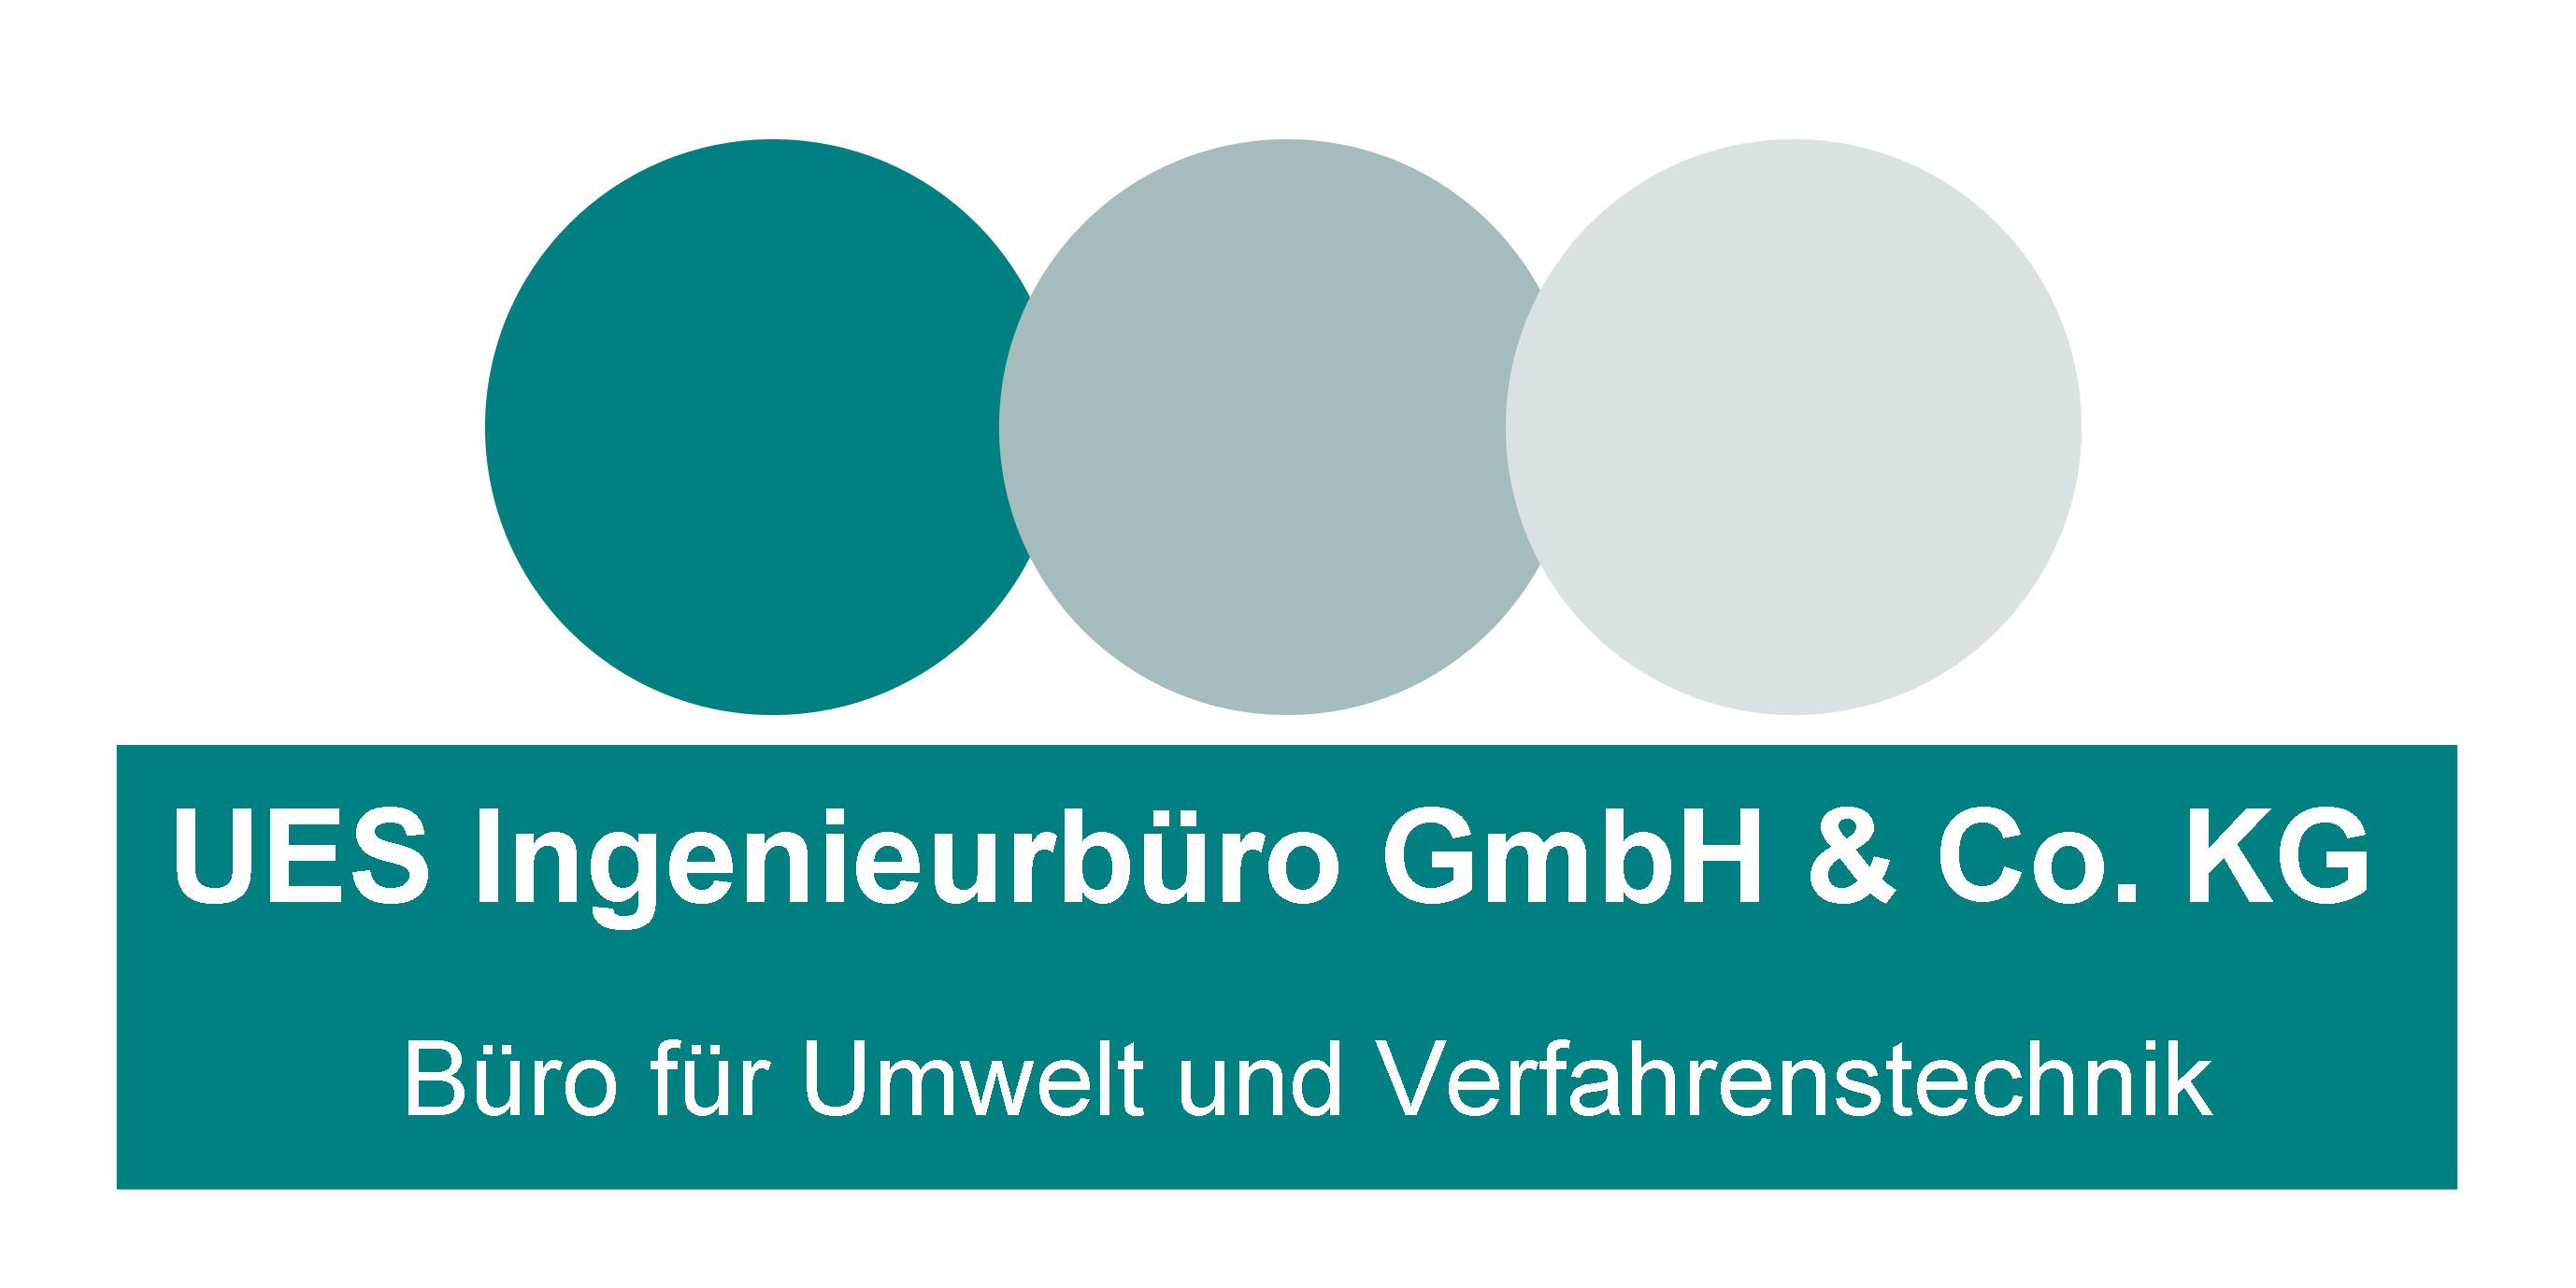 UES Ingenieurbüro GmbH & Co. KG